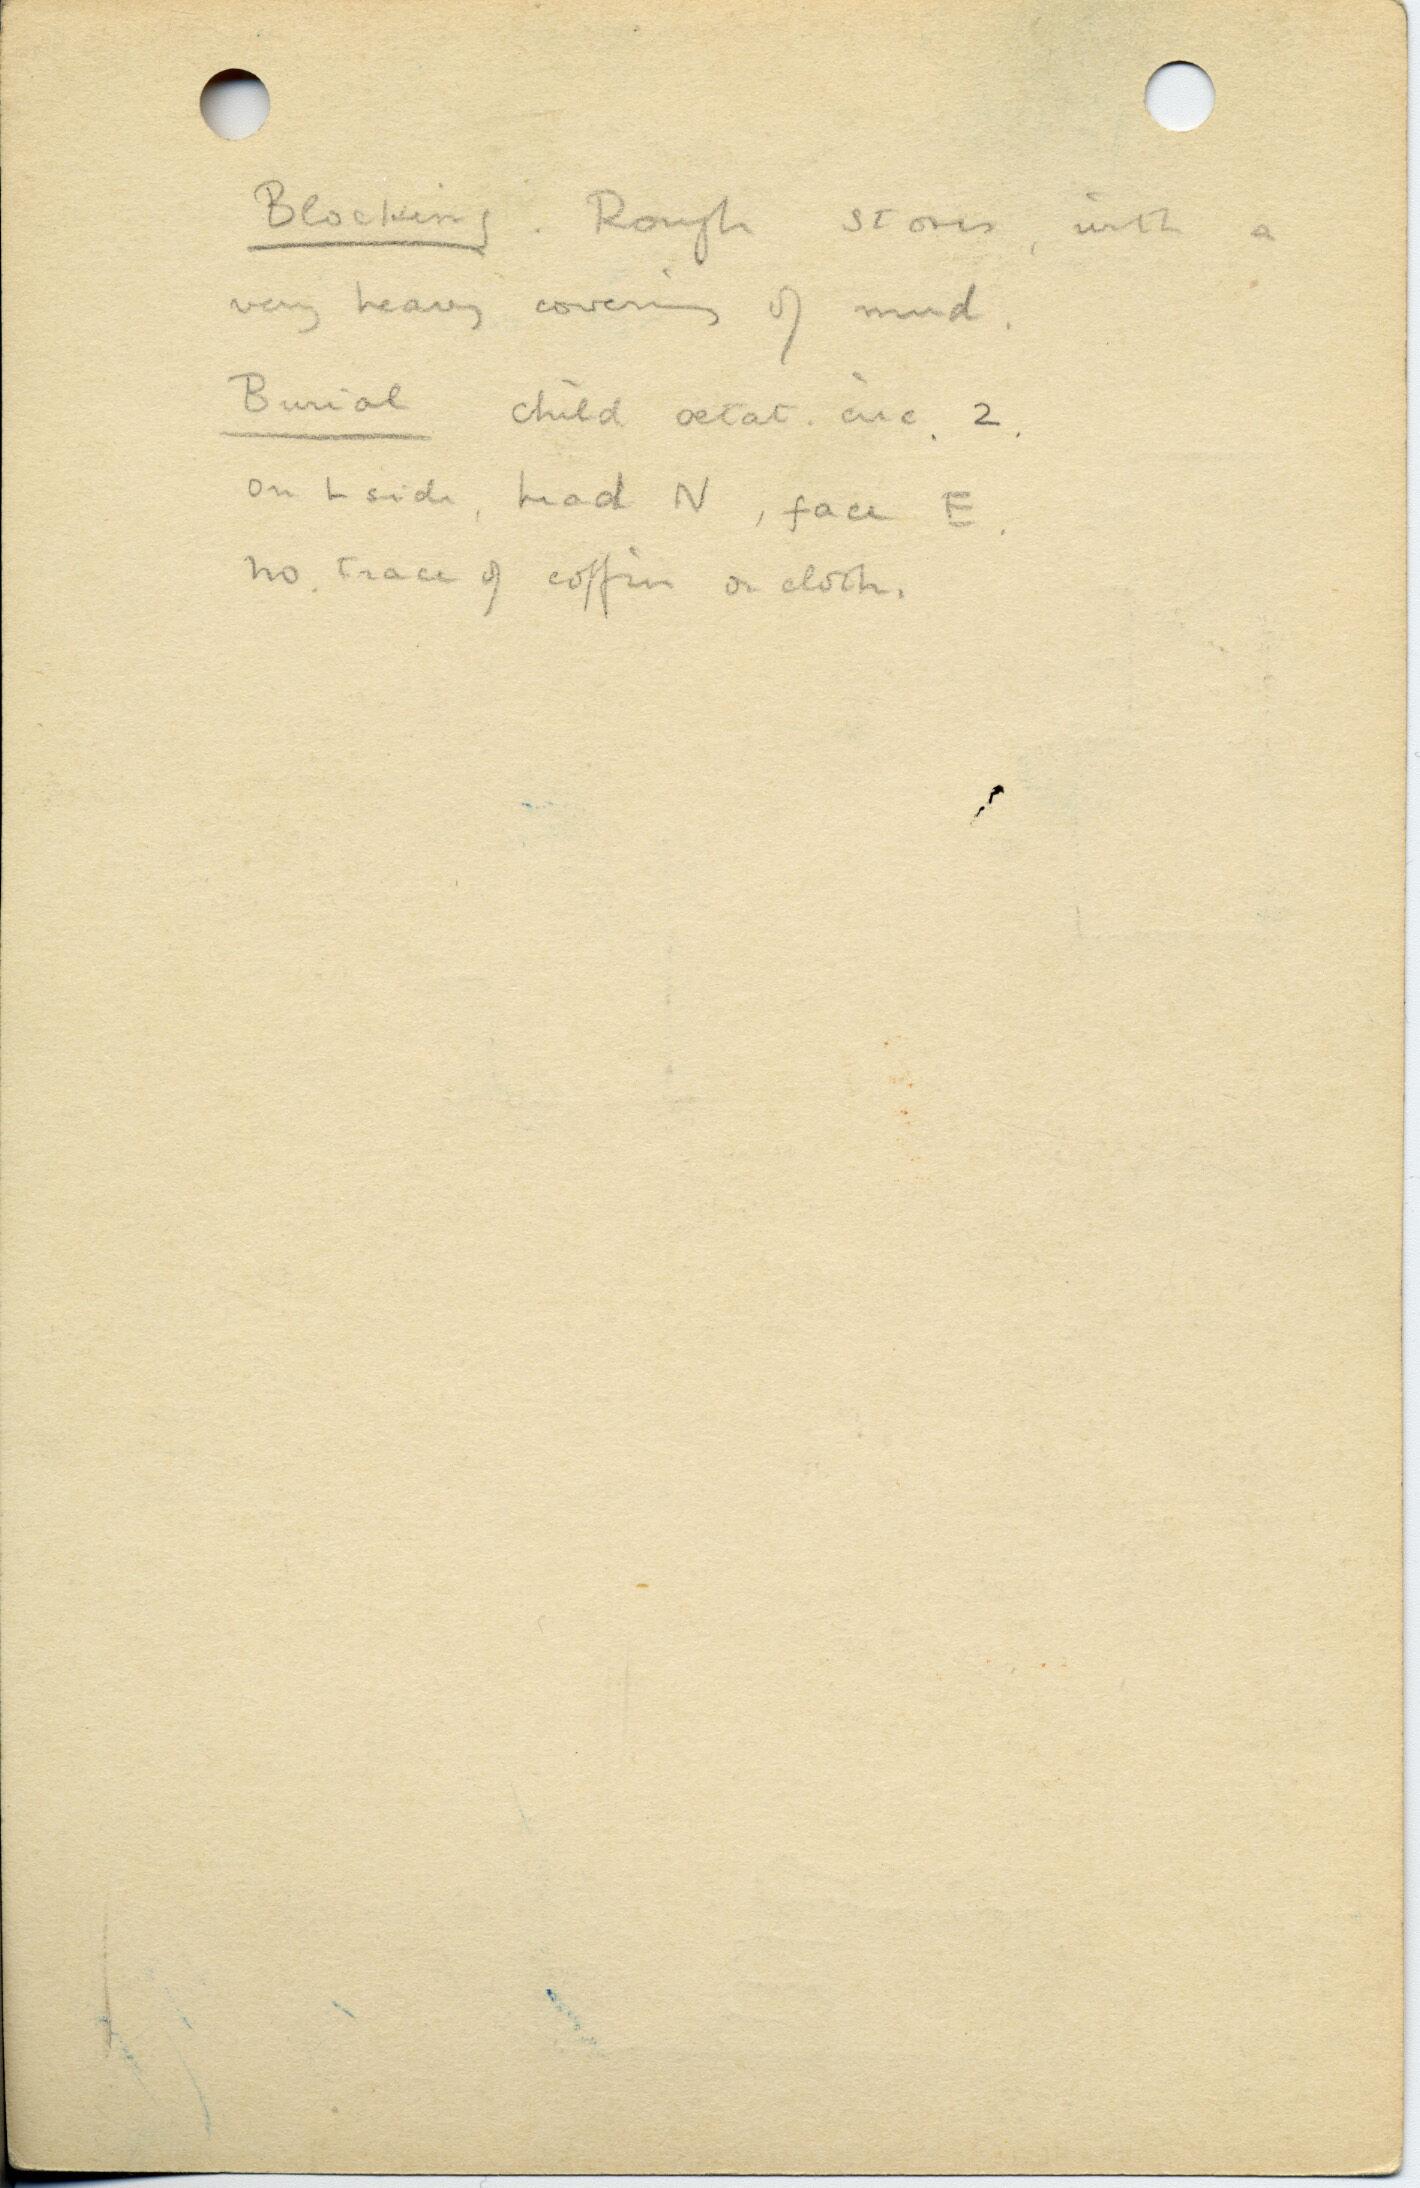 Notes: G 1025a, Shaft D, notes